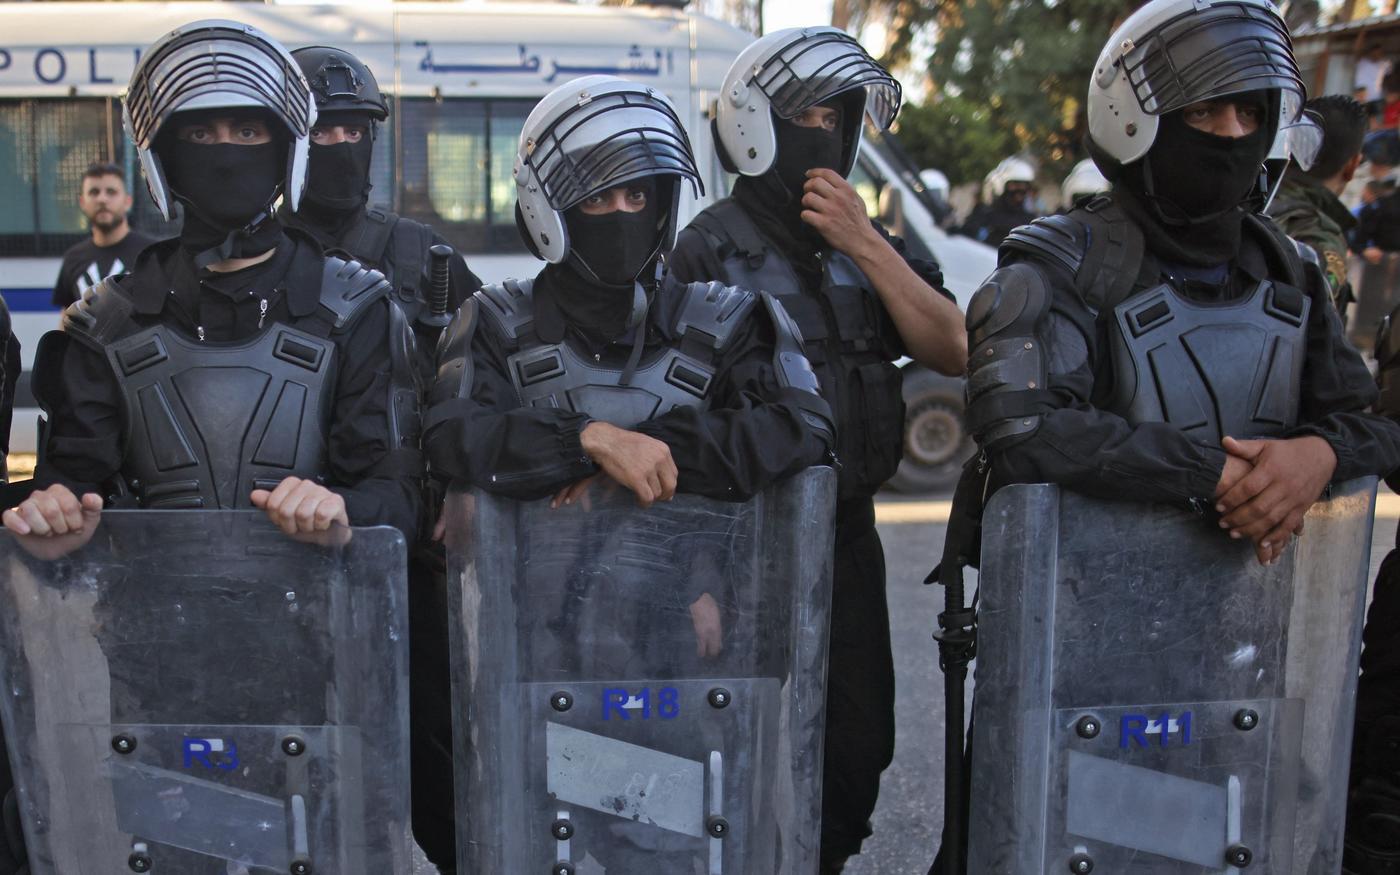 Les forces de sécurité palestiniennes bloquent une rue pendant une manifestation dans la ville de Ramallah en Cisjordanie occupée, le 26juin2021 (AFP)